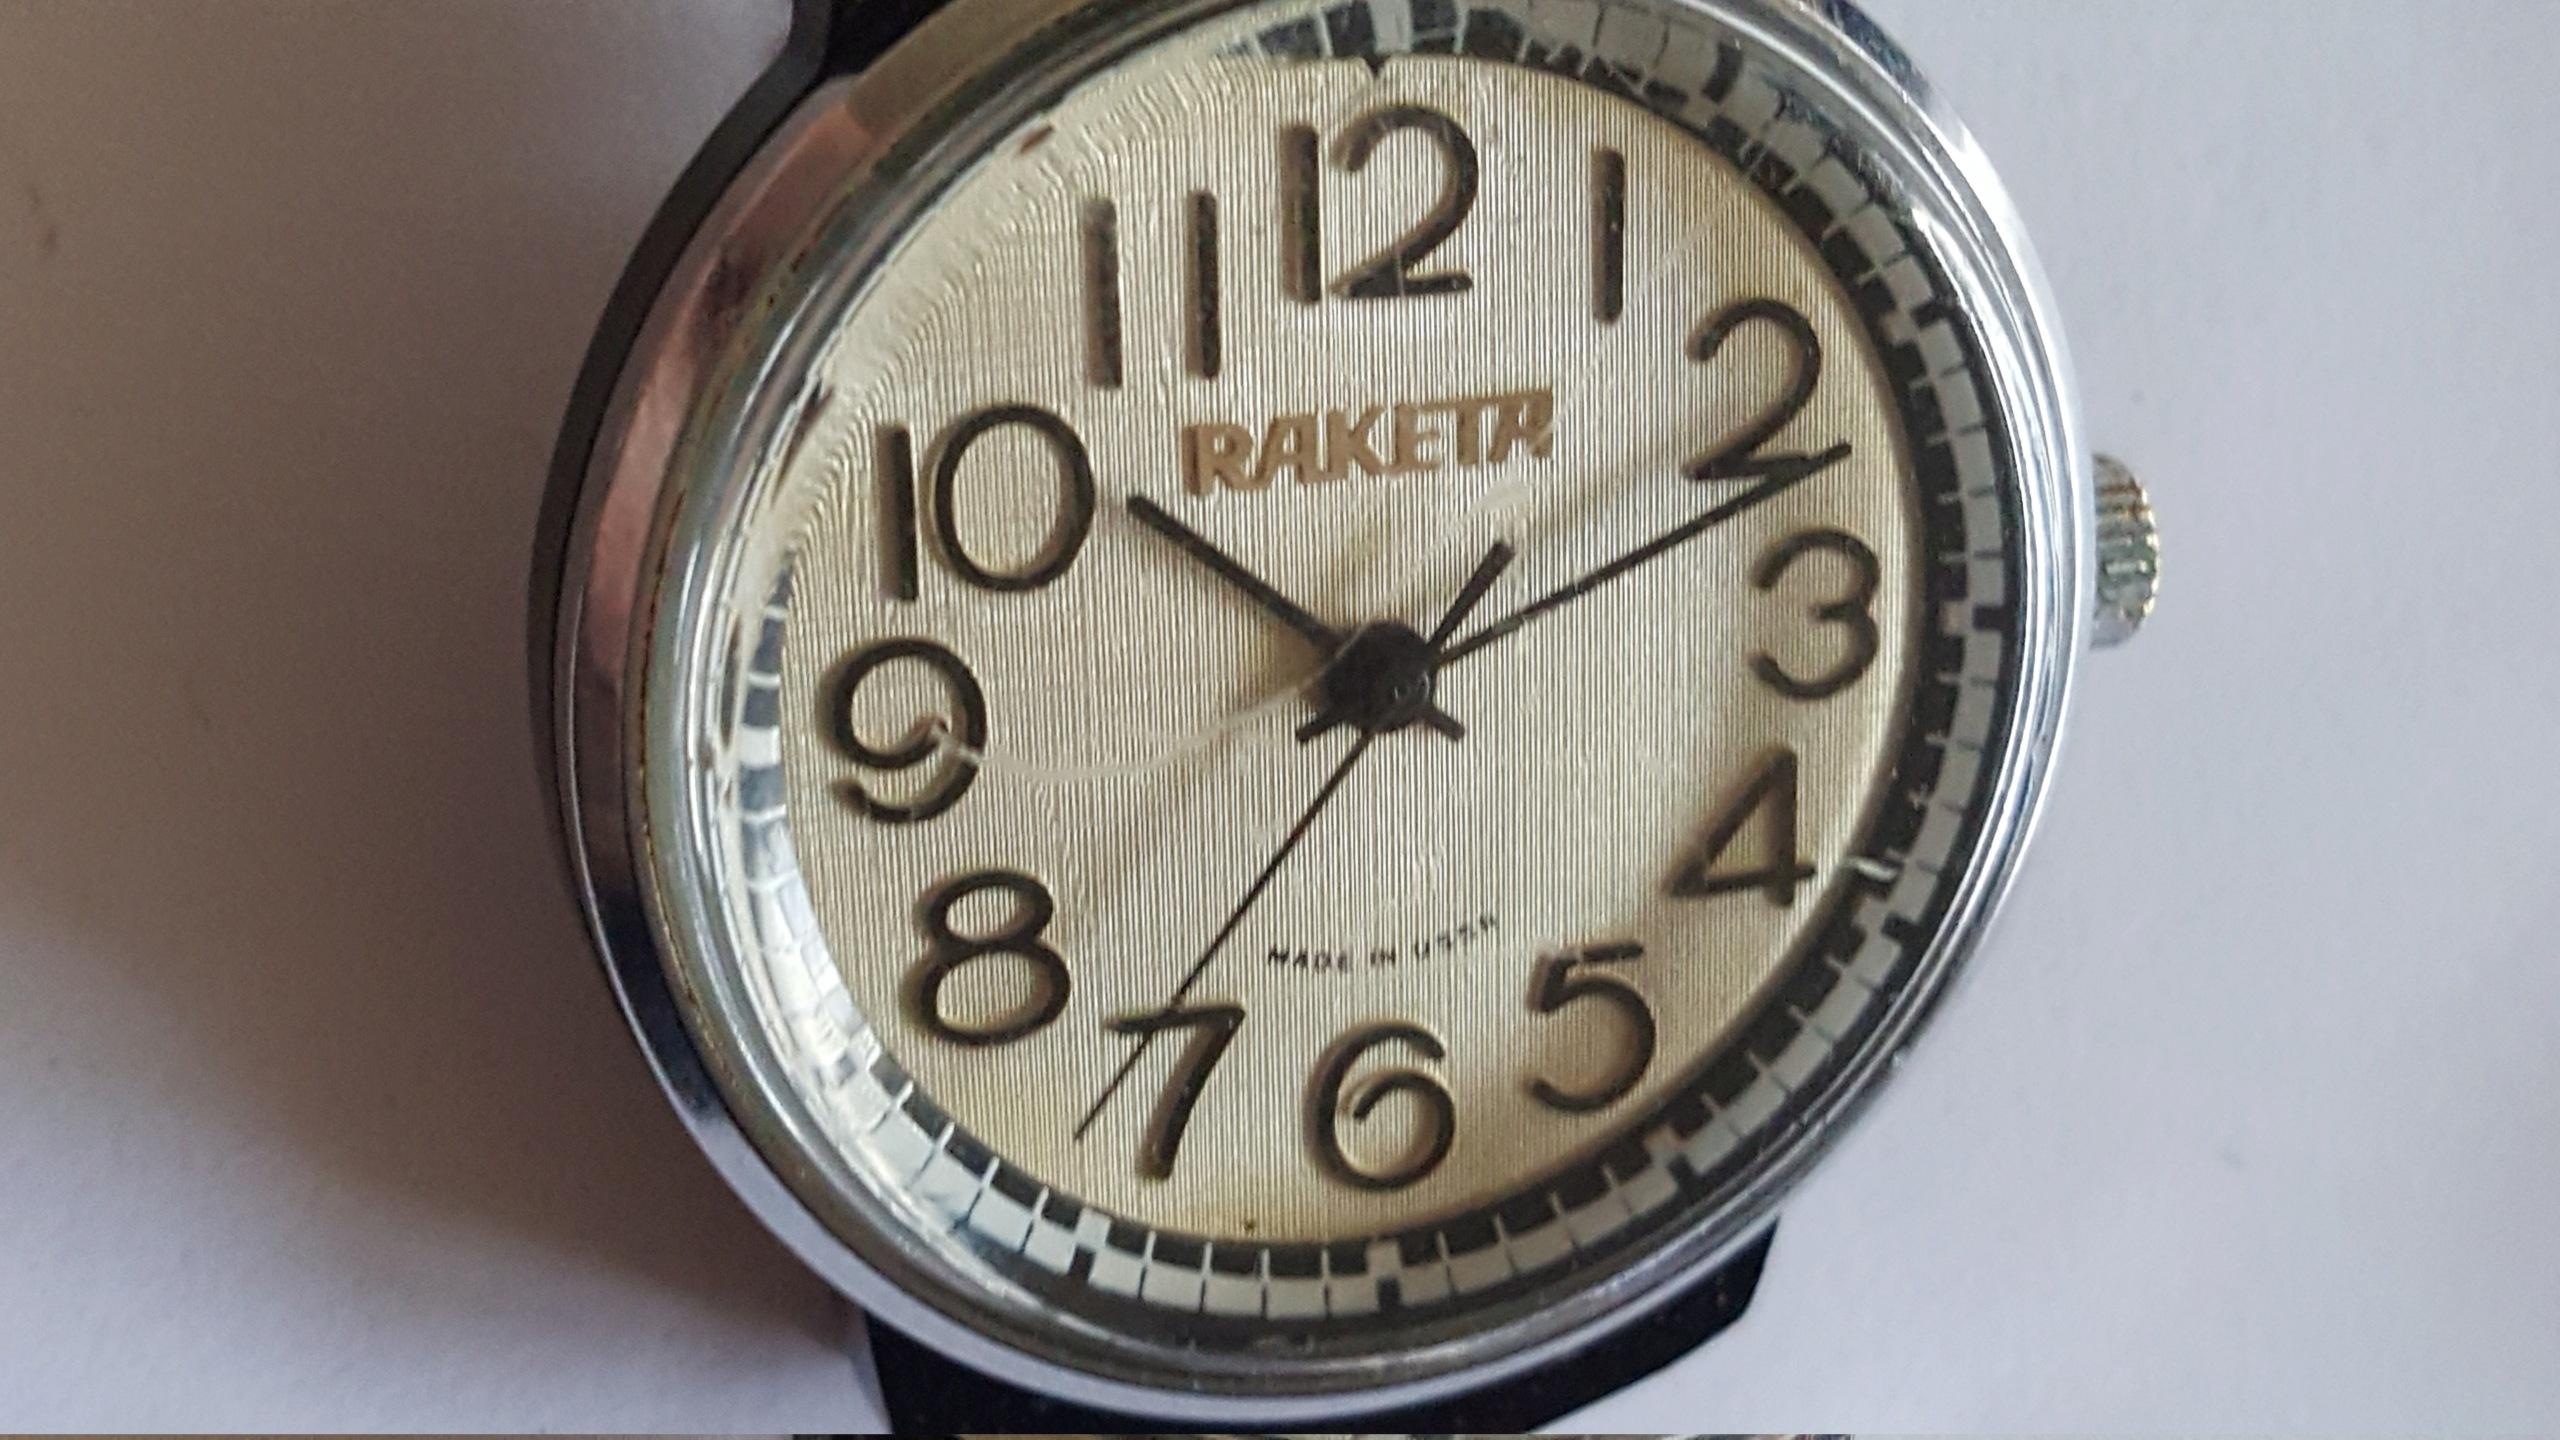 Heureux possesseurs de RAKETA , montrez nous vos plus belles pièces ! - Page 7 20201013